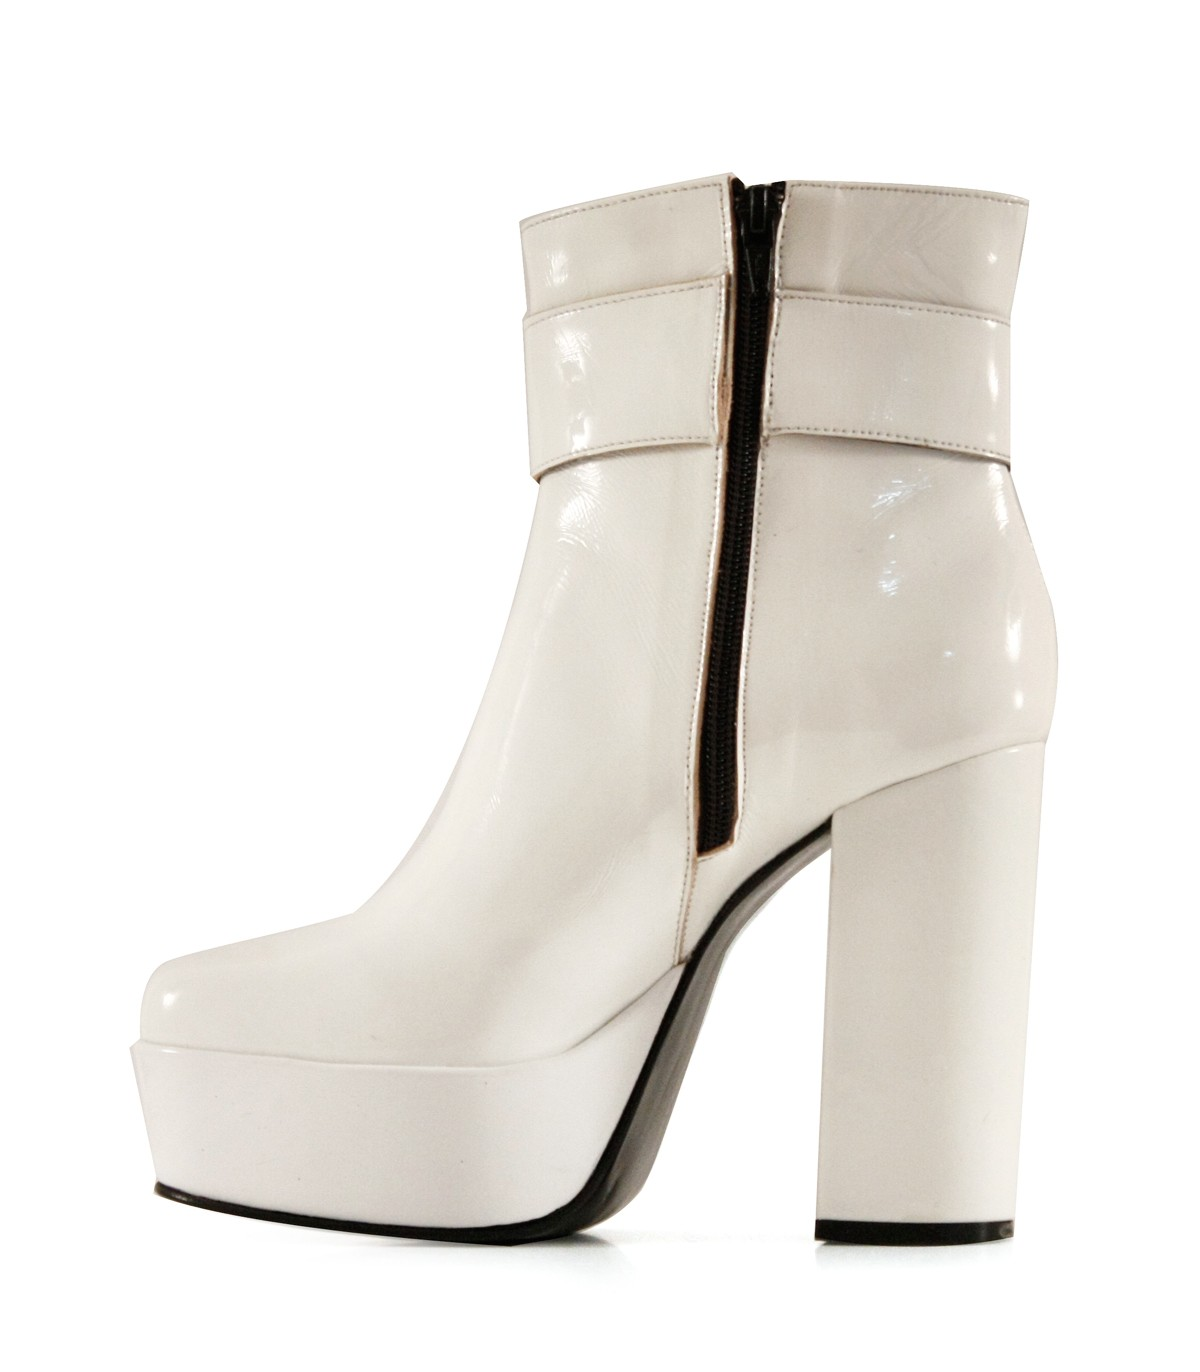 modelos de gran variedad garantía limitada amplia selección de diseños Botas cortas de charol blanco|Mujeres|Batistella